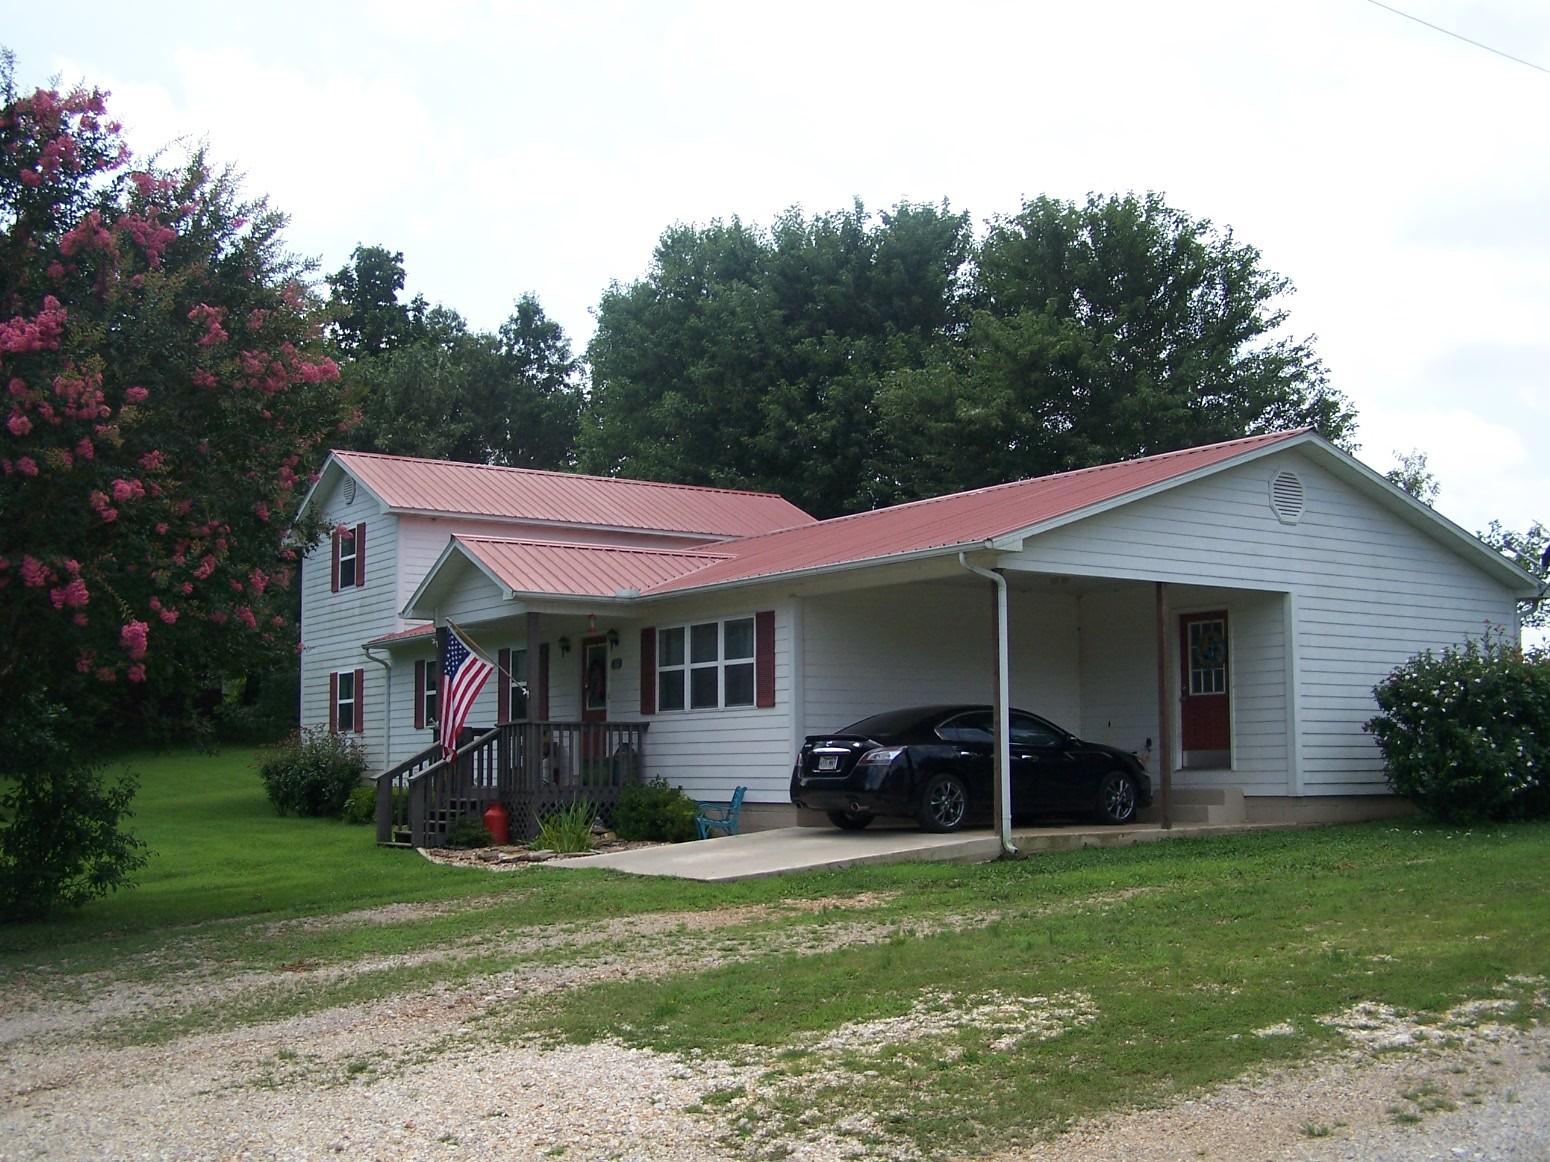 1163 N Fairview Rd, Mammoth Spring, Arkansas 72554